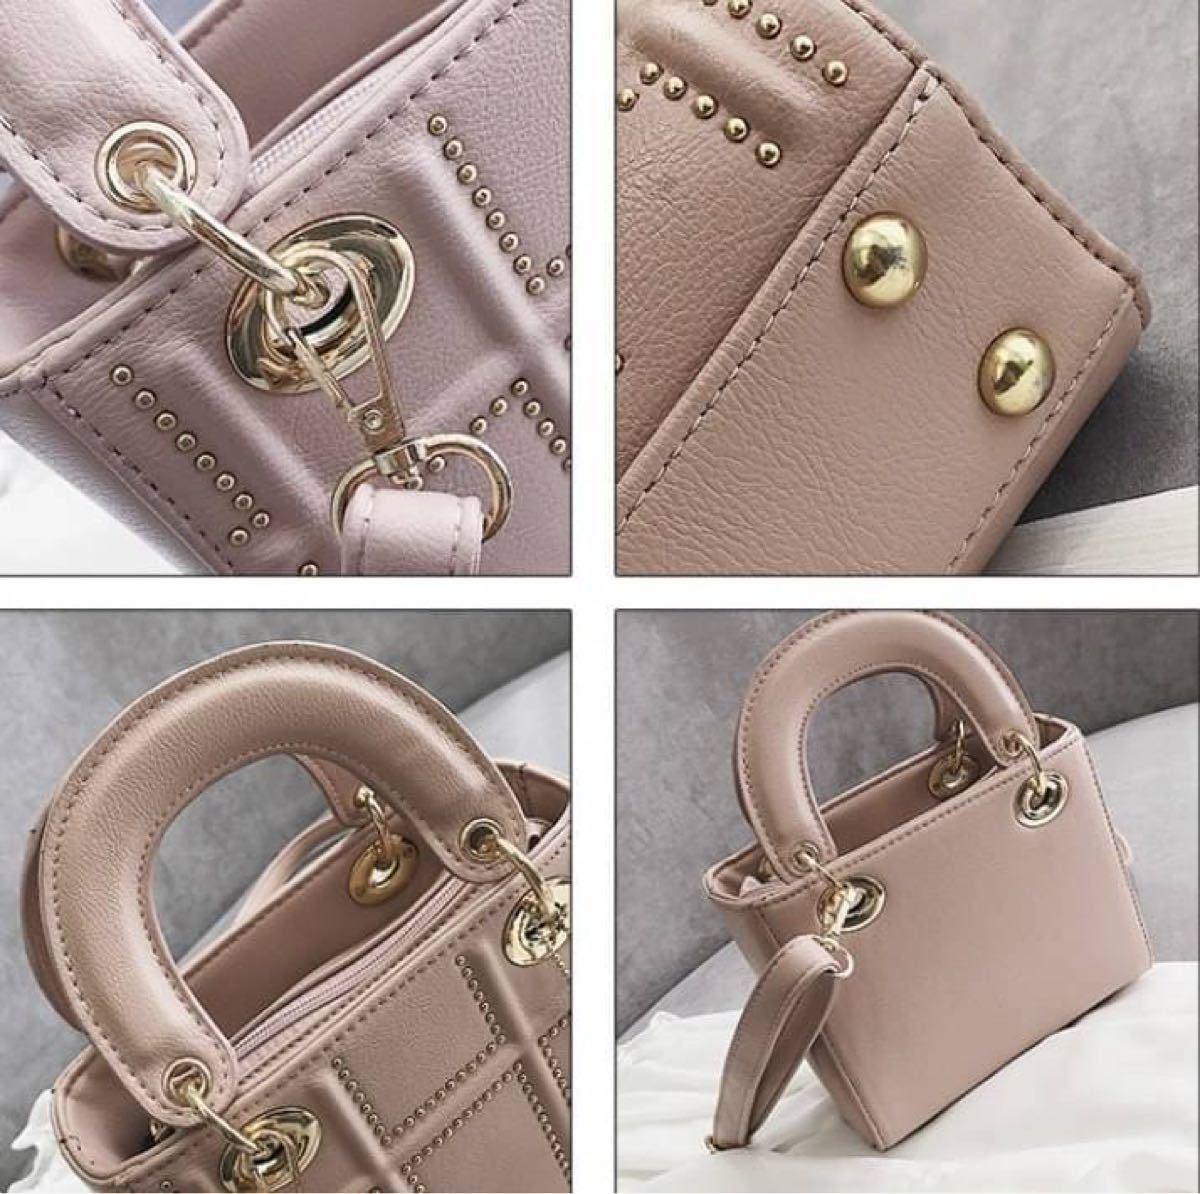 【ピンク】ショルダーバッグ ハンドバッグ ミニサイズ 2way 型押しバッグ チャーム付き 高見え レディースバッグ ノーブランド